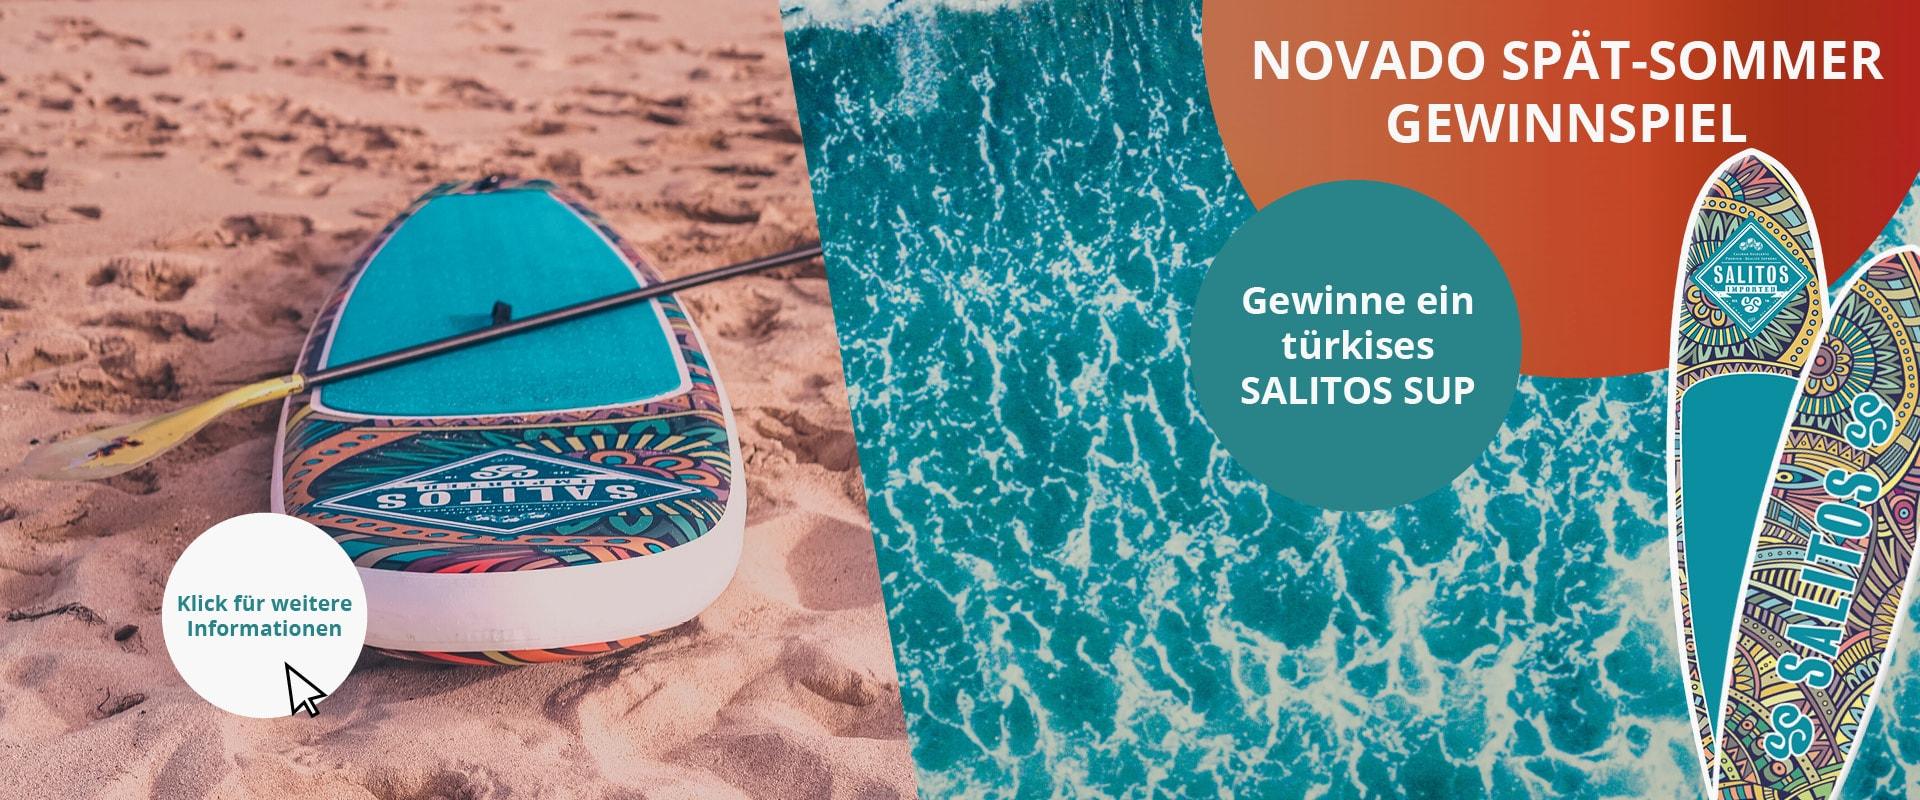 Salitos SUP Stand Up Paddle Board gewinnspiel